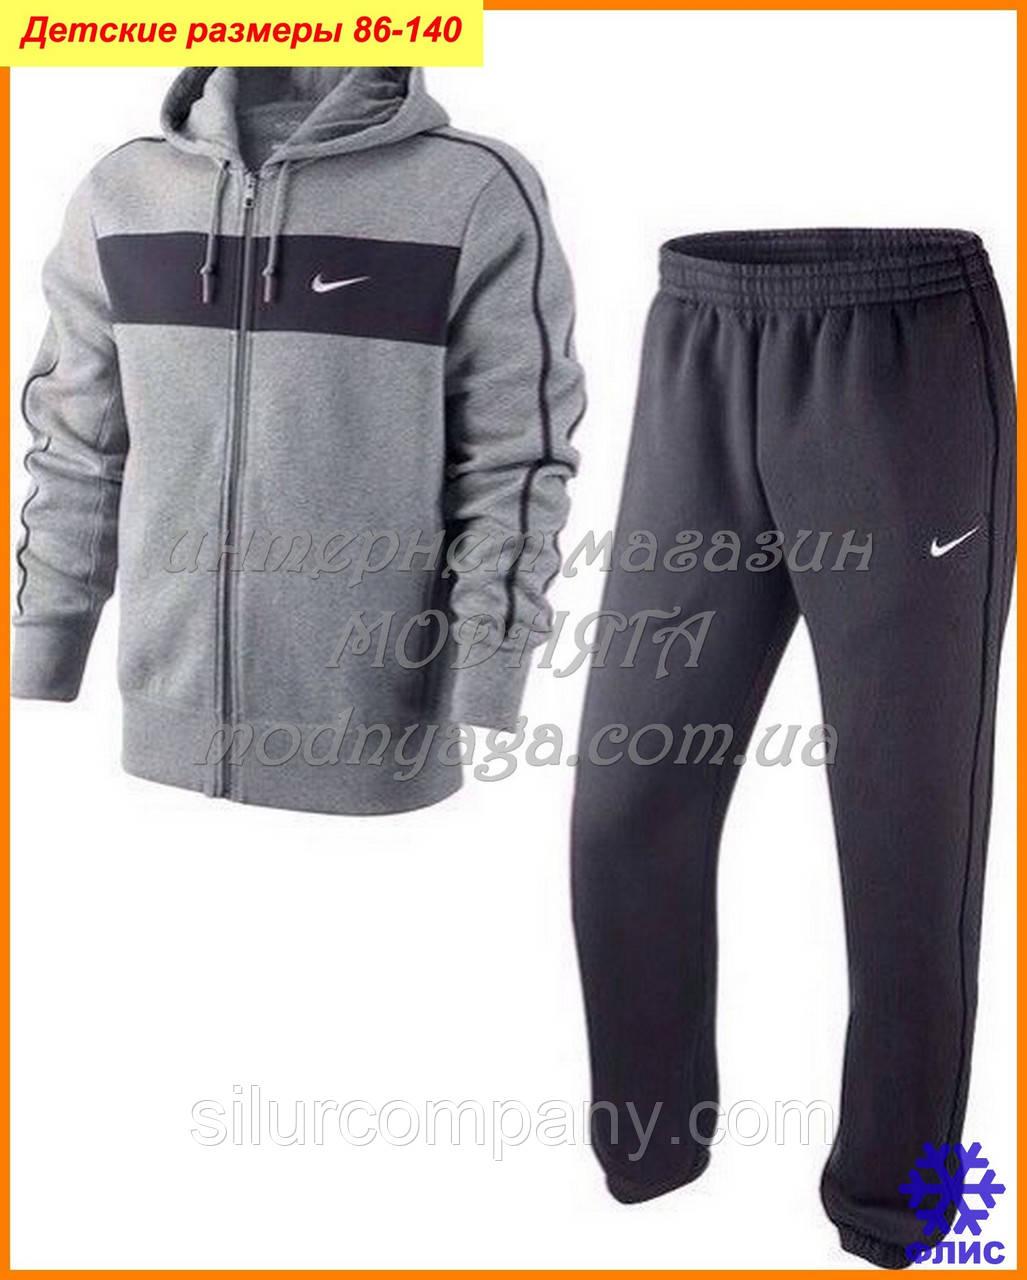 7a056202e6a6 Детские теплые костюмы Nike   Магазин спортивных костюмов найк и адидас - Интернет  магазин